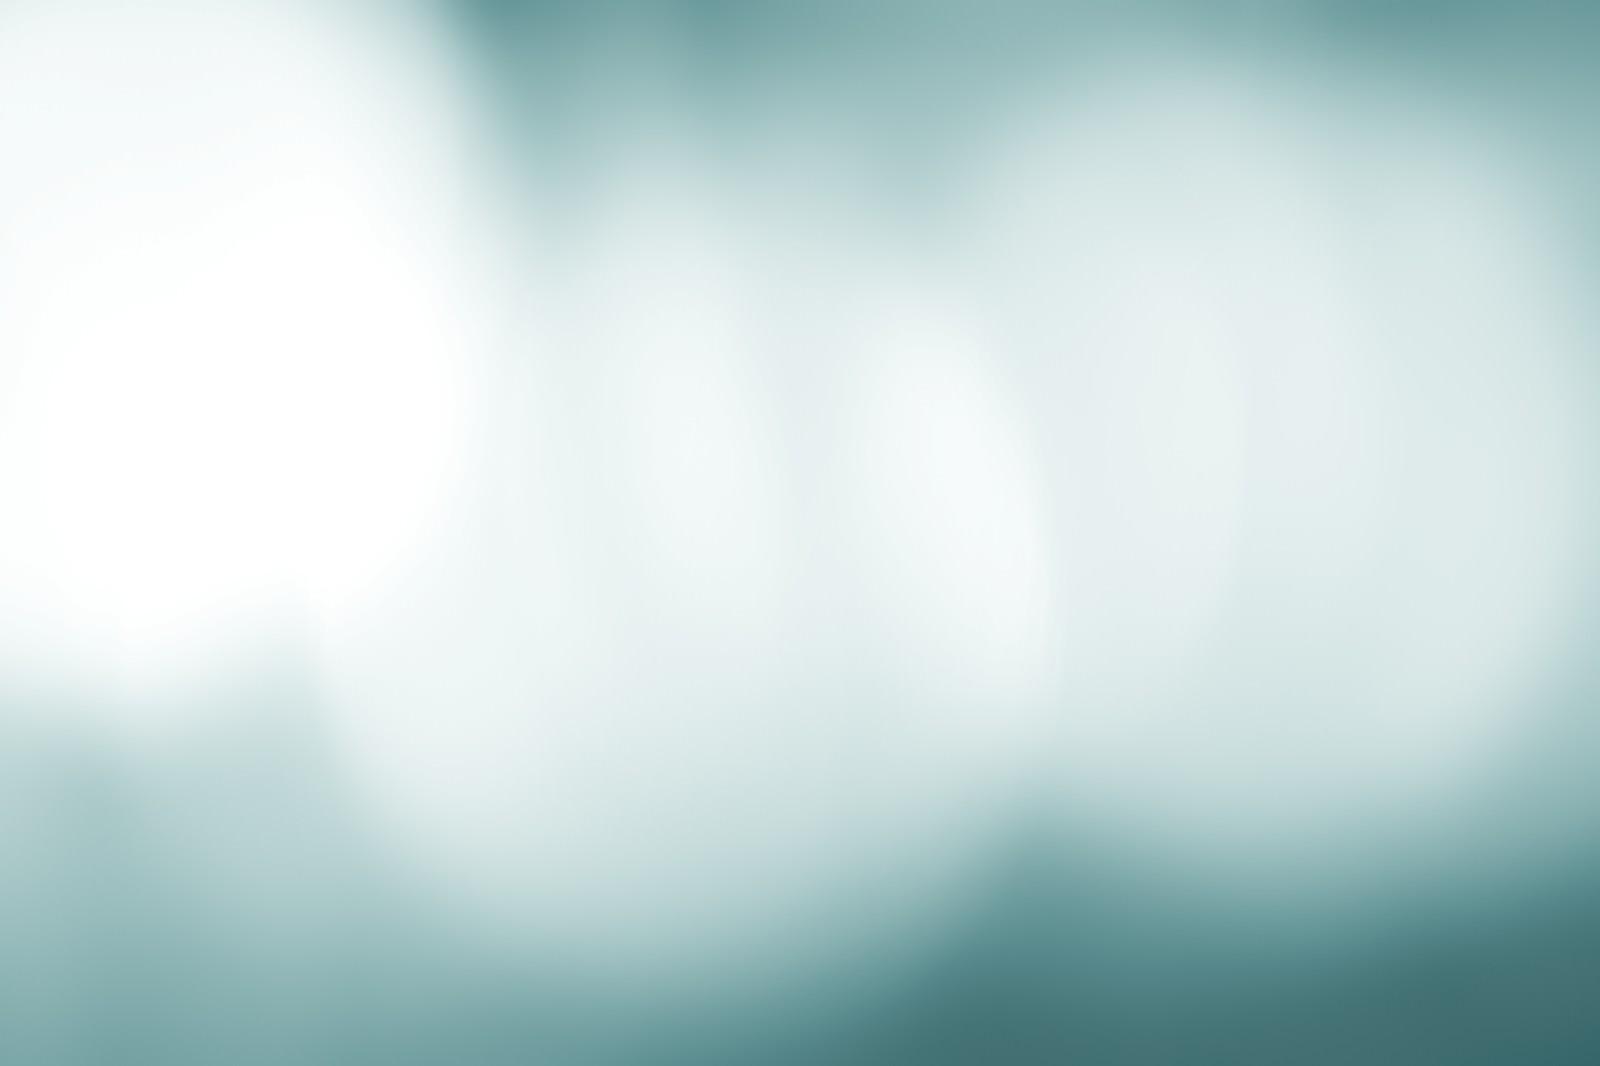 「冷たい光のボケ」の写真